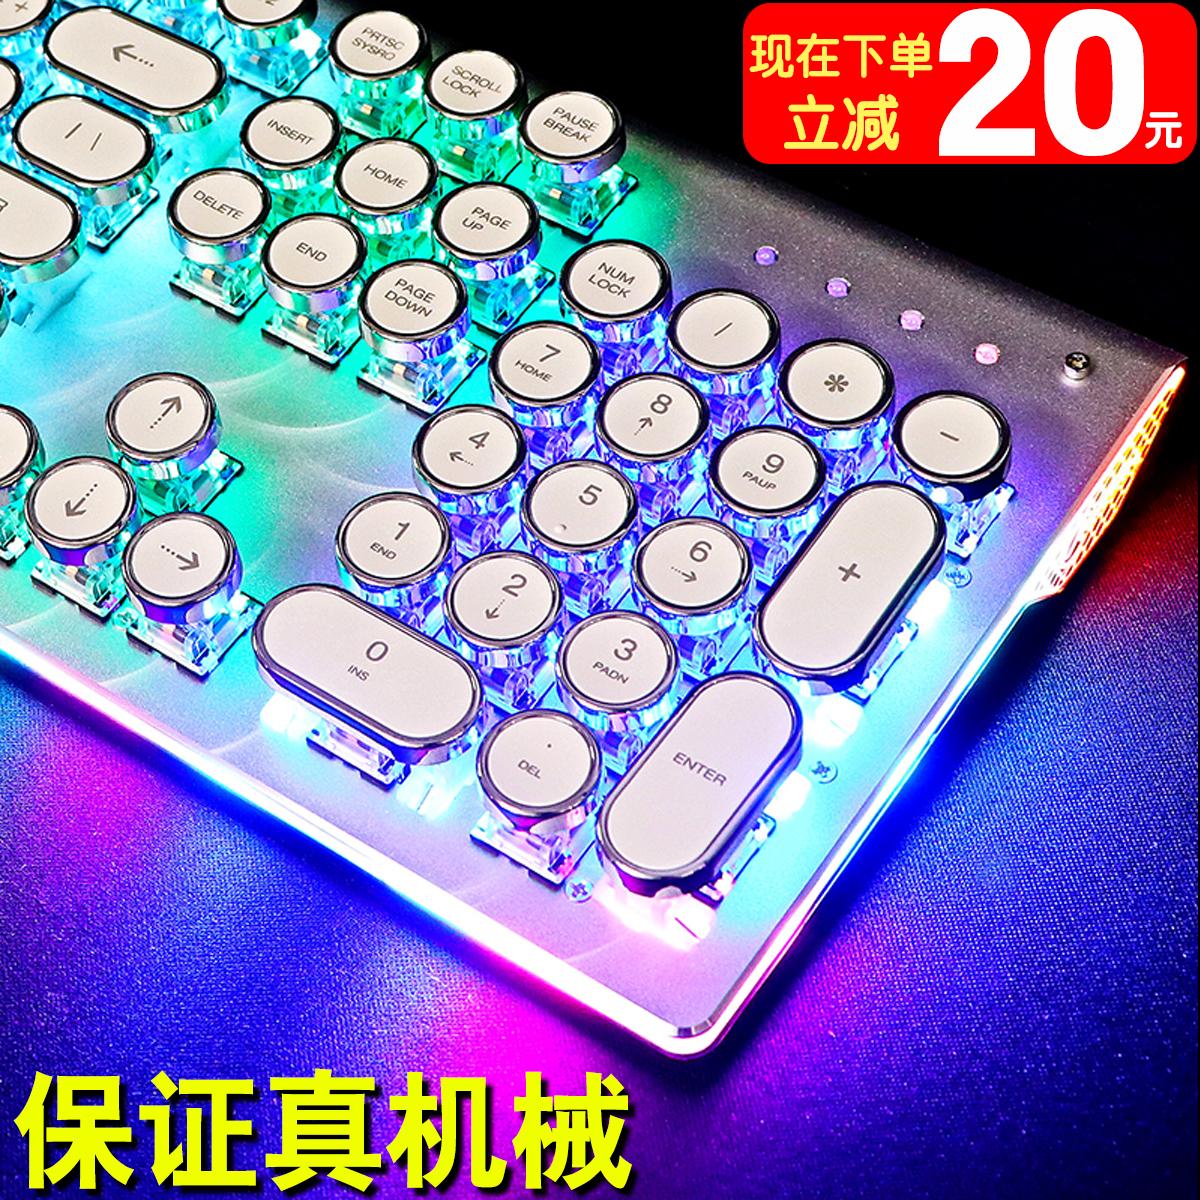 机械键盘跑马灯